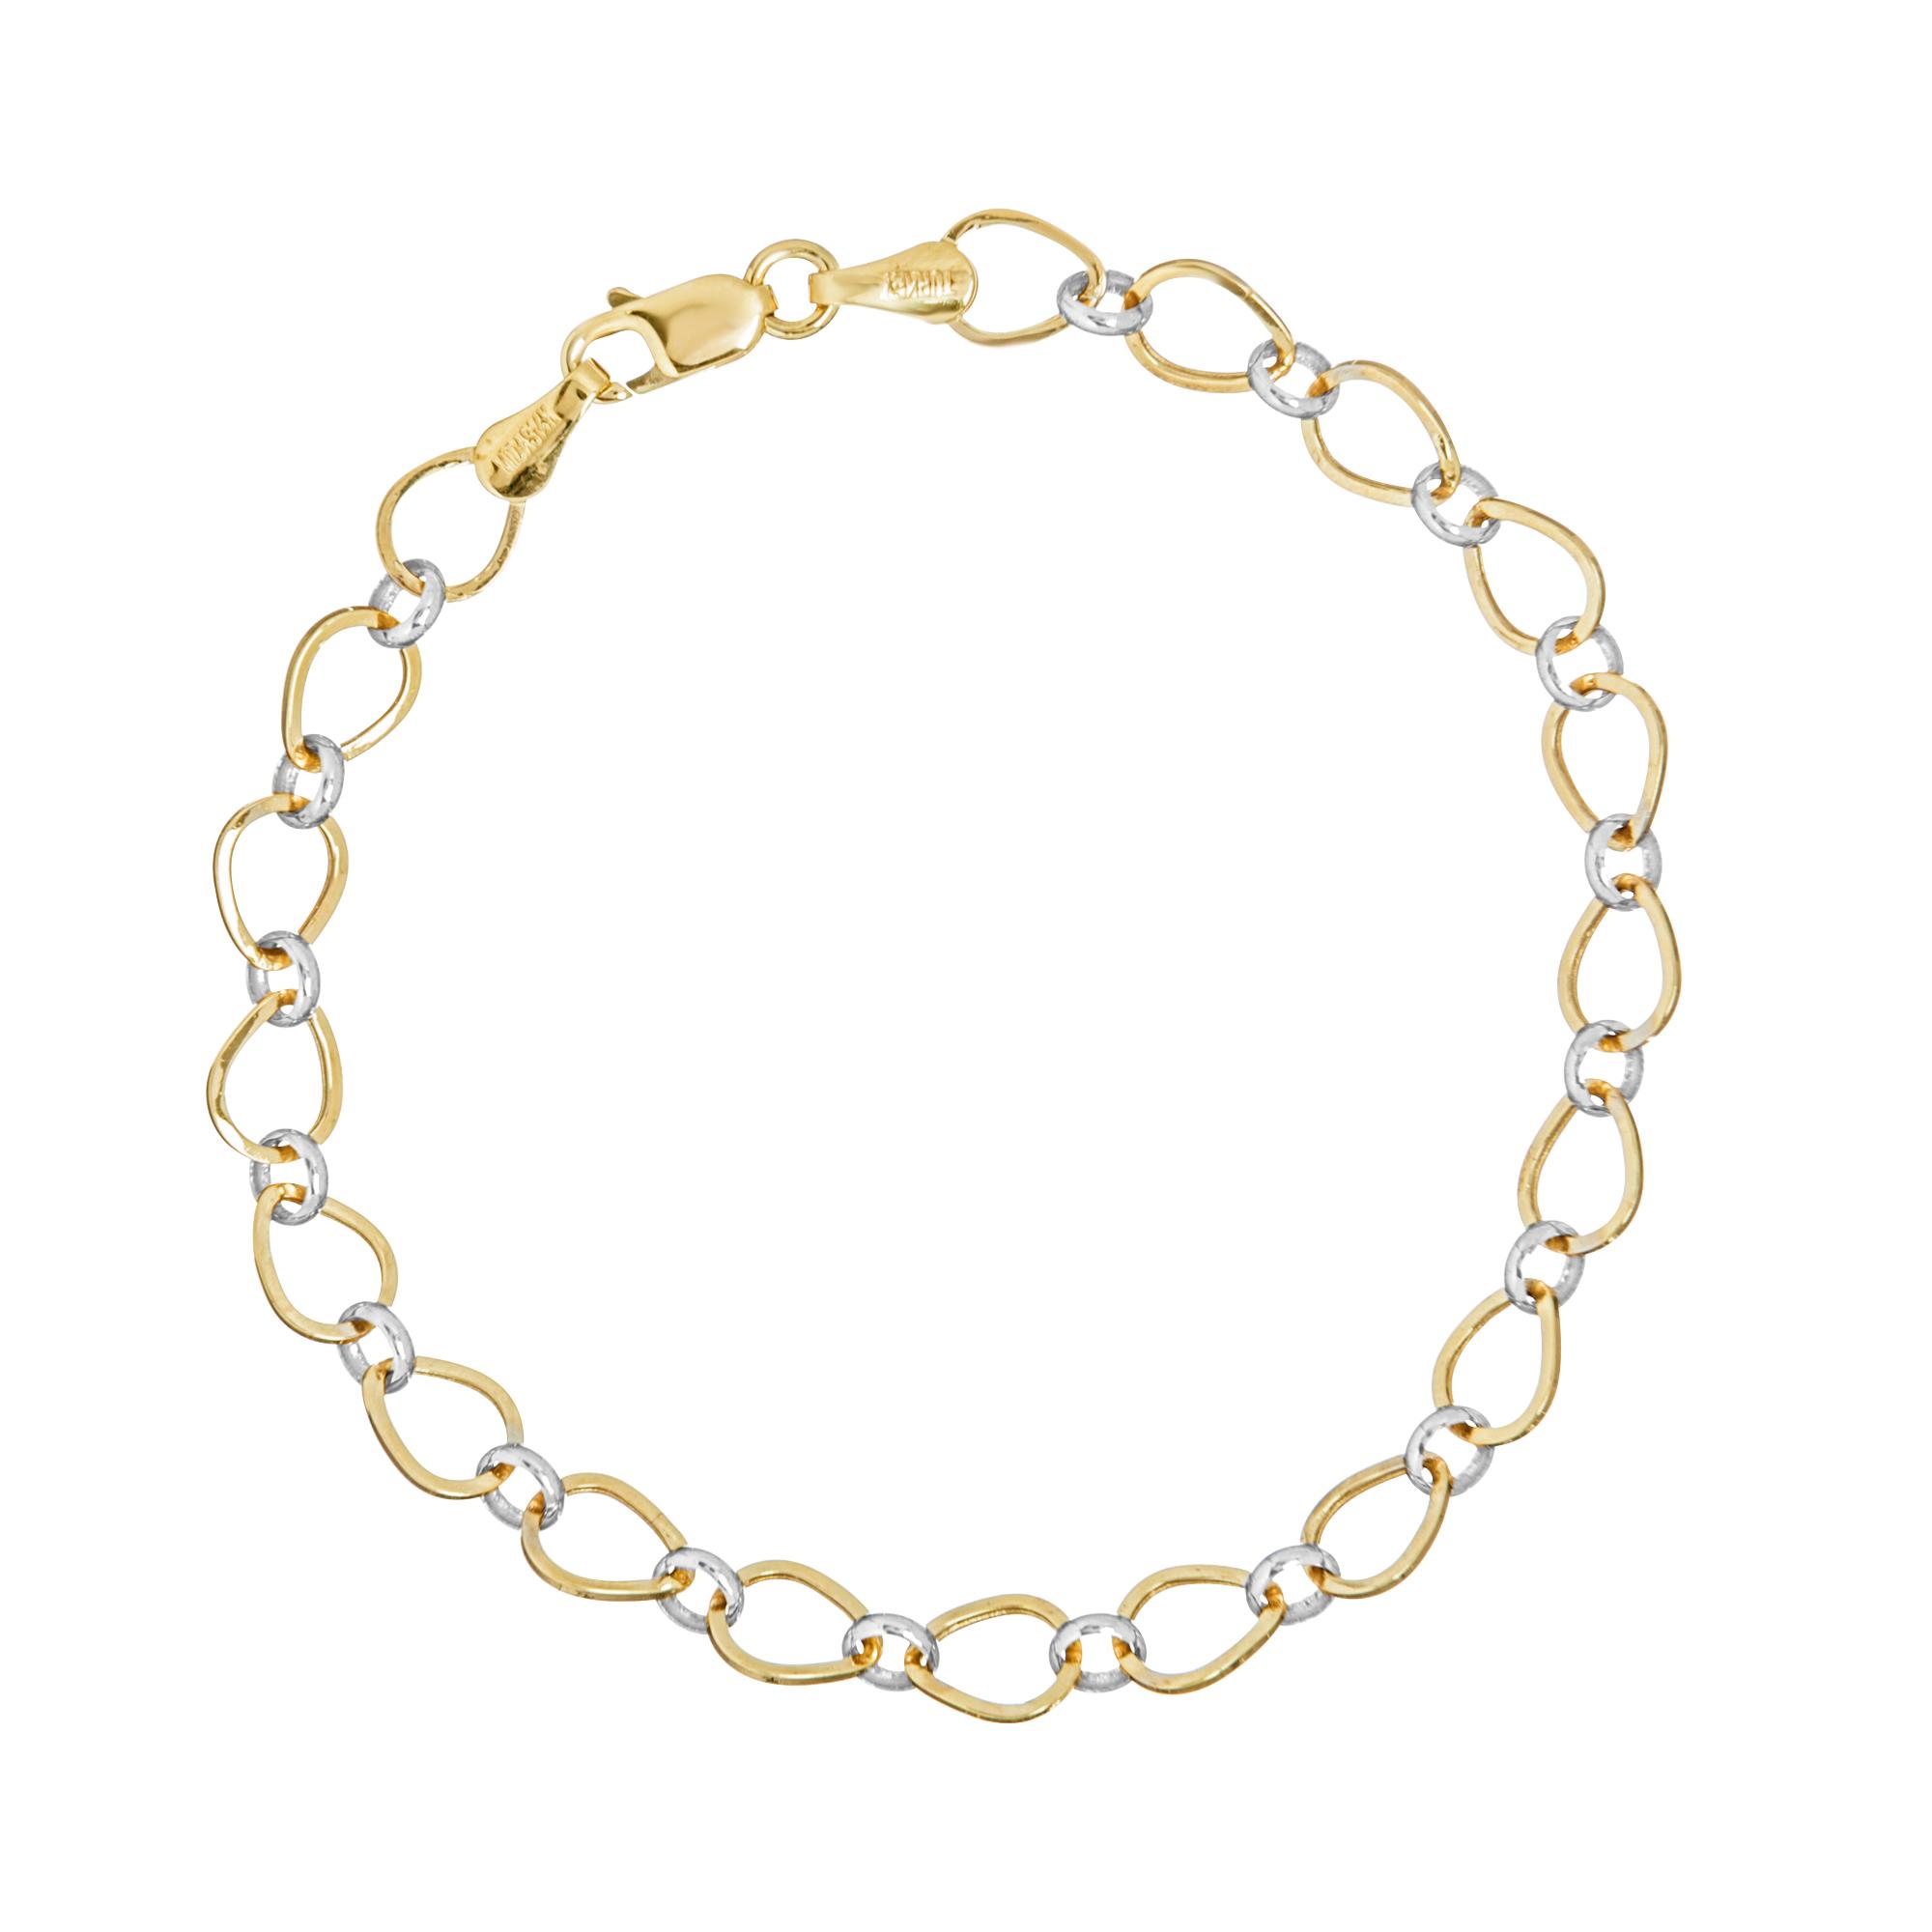 Bracelets, 14K Gold Bracelet, 7.25